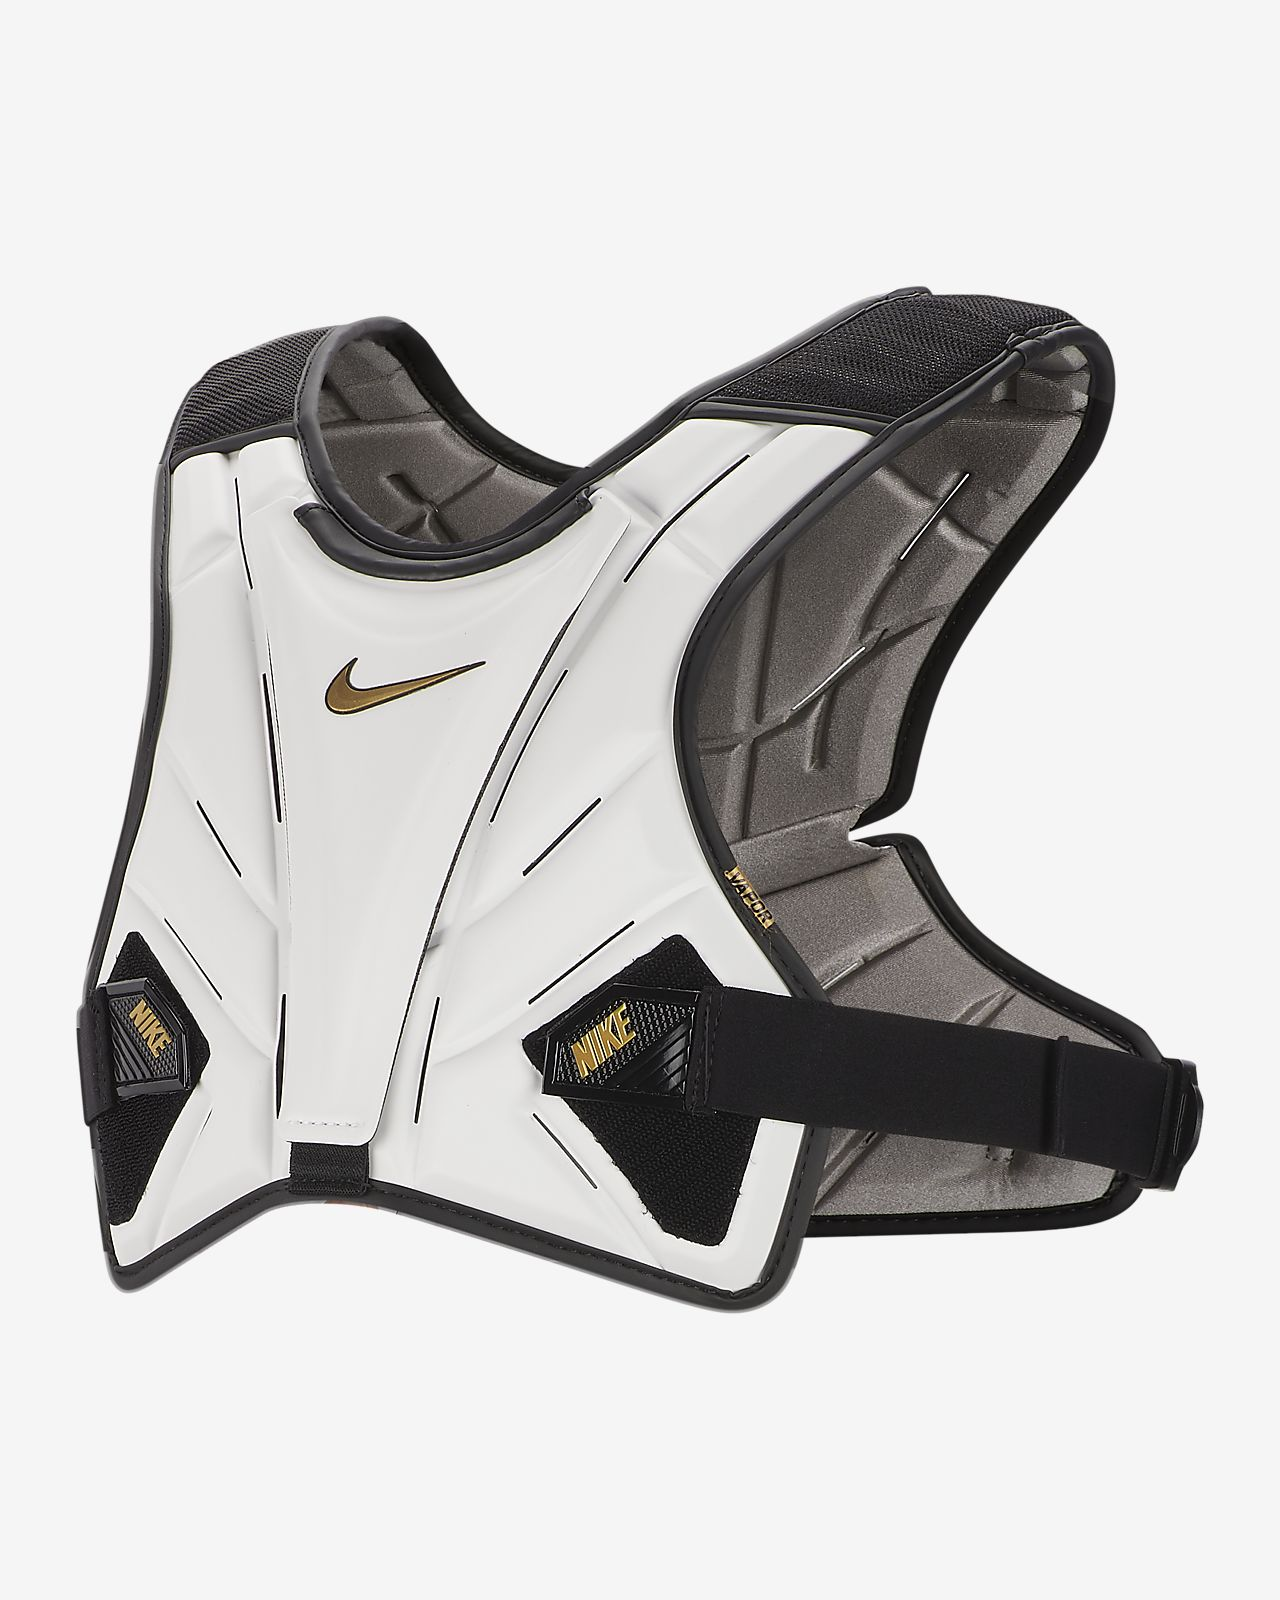 Nike Vapor Elite Men's Lacrosse Shoulder Pad Liner